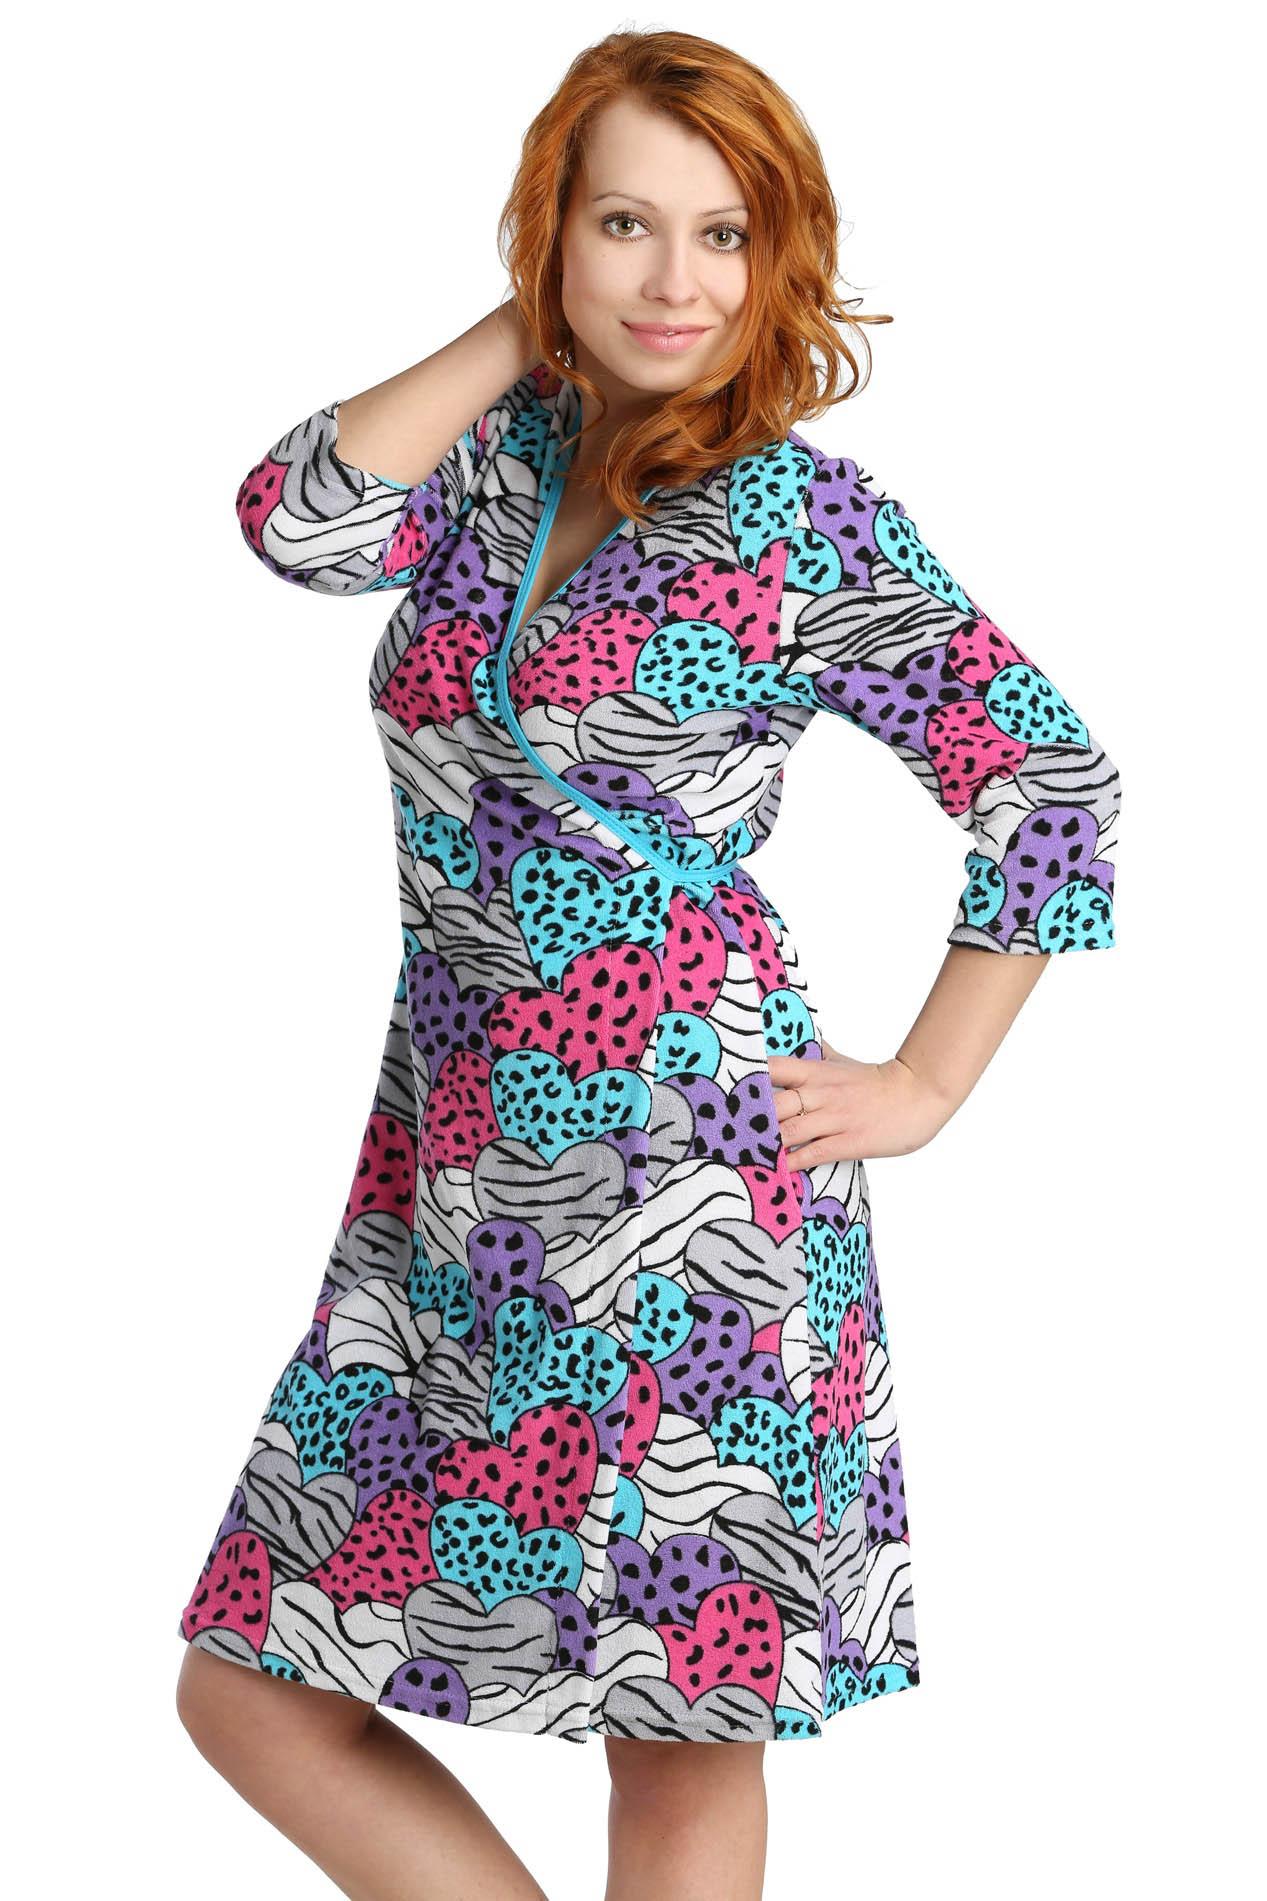 Домашние халаты ElenaTex Домашний халат Rosie Цвет: Голубой (xL) майка послеродовая nuova vita бесшовная цвет голубой 14972 размер xl 48 50